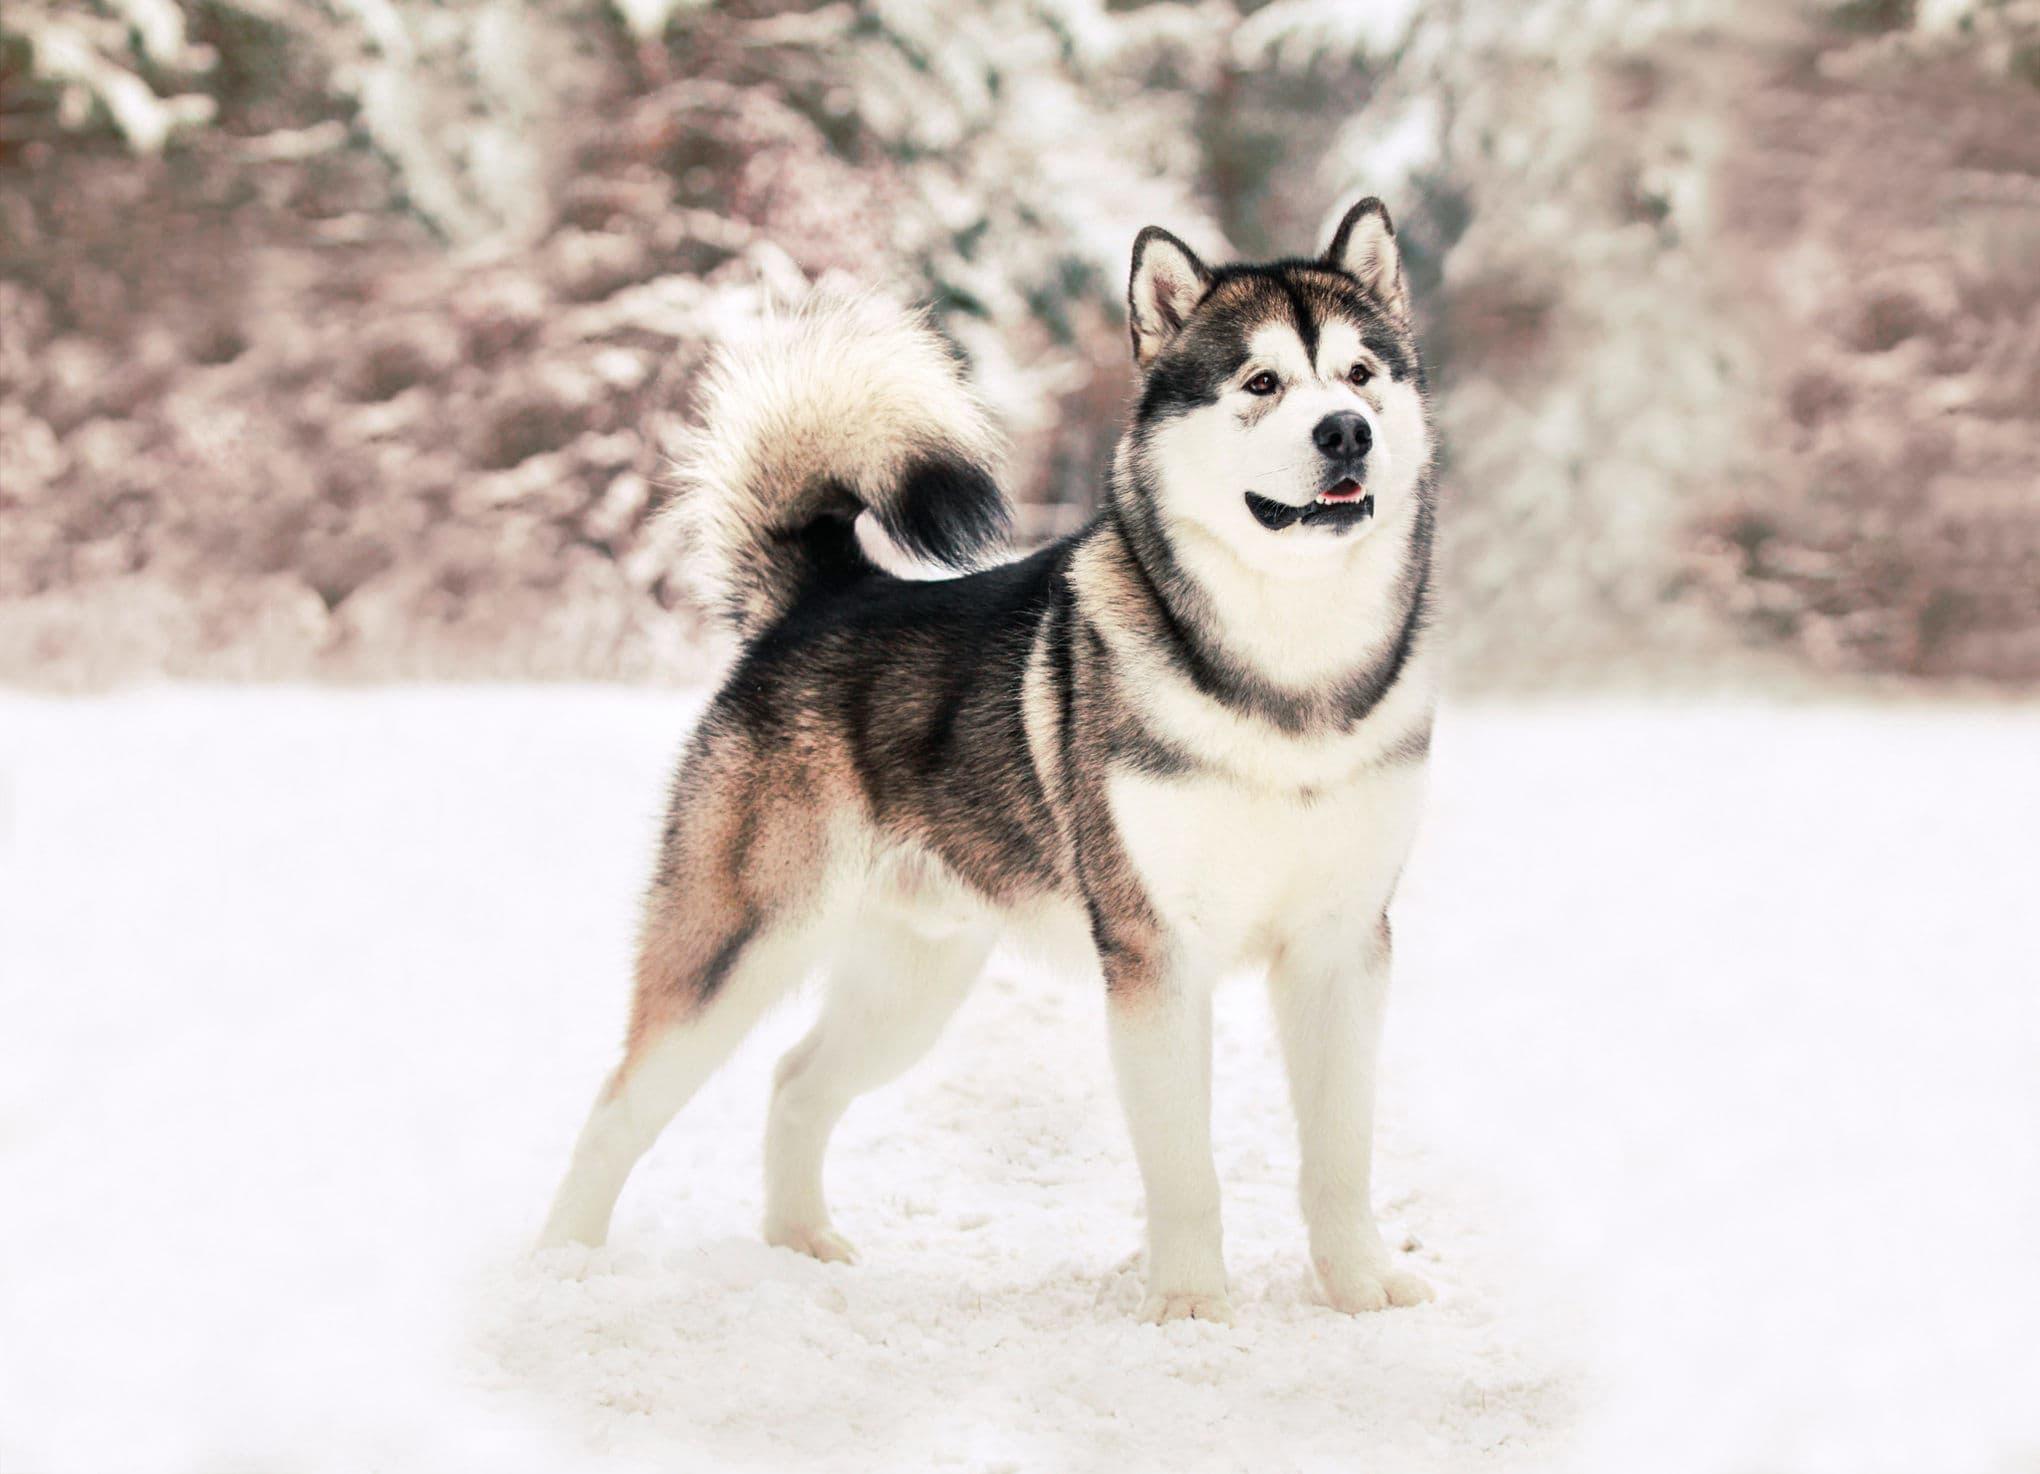 порода собак маламут в картинках сказать, что это